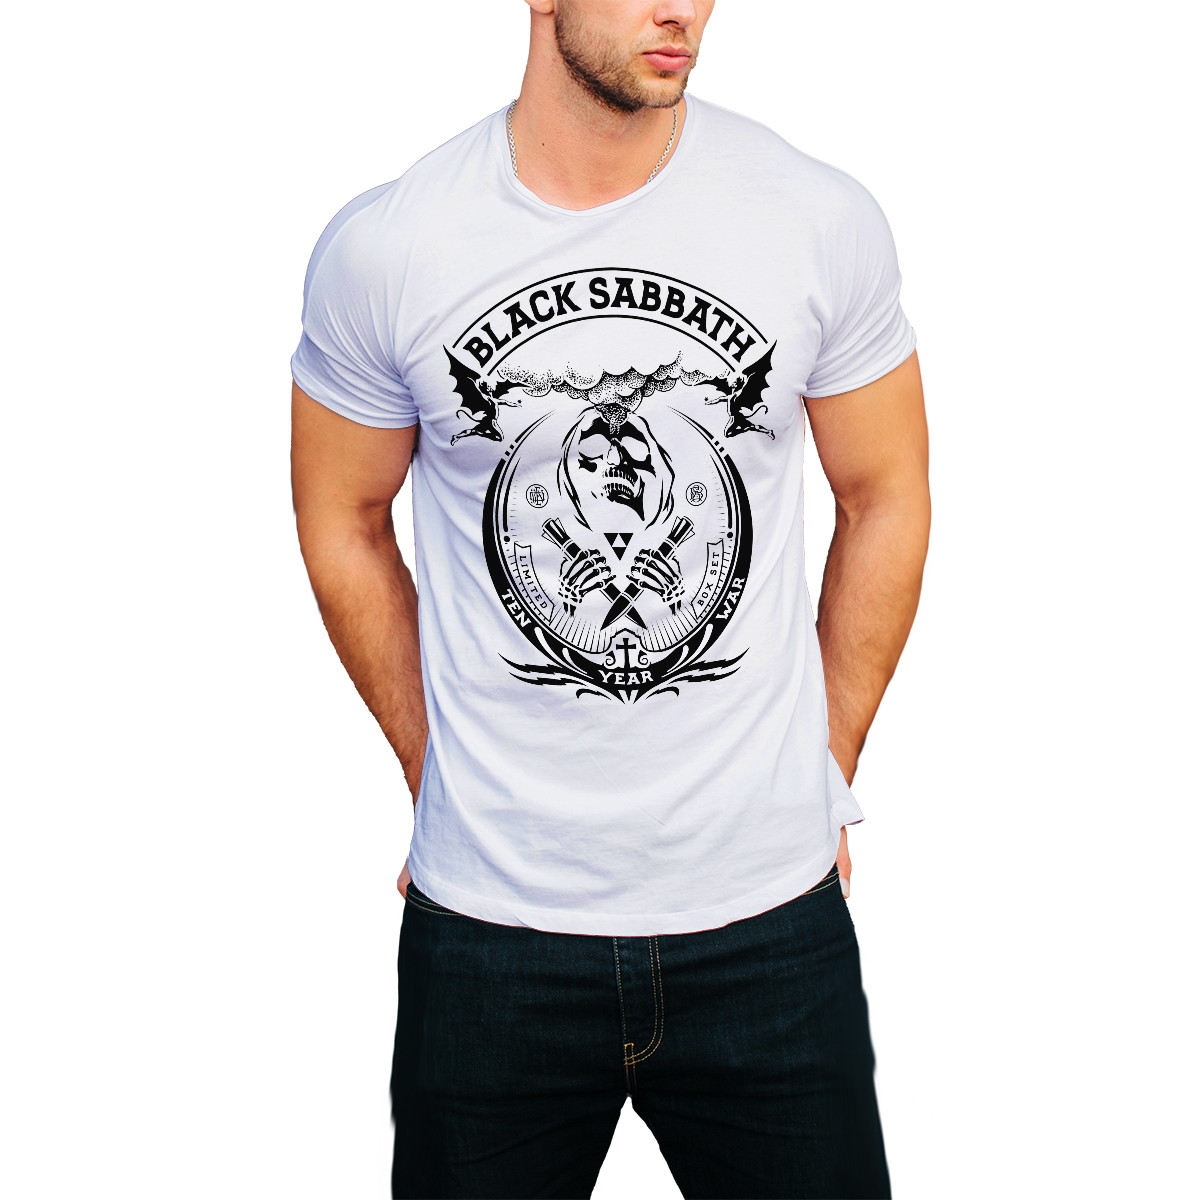 9e8d0ebc225 2 Camisetas Camisa Black Sabbath Branca Roupa Masculina Bara no Elo7 ...